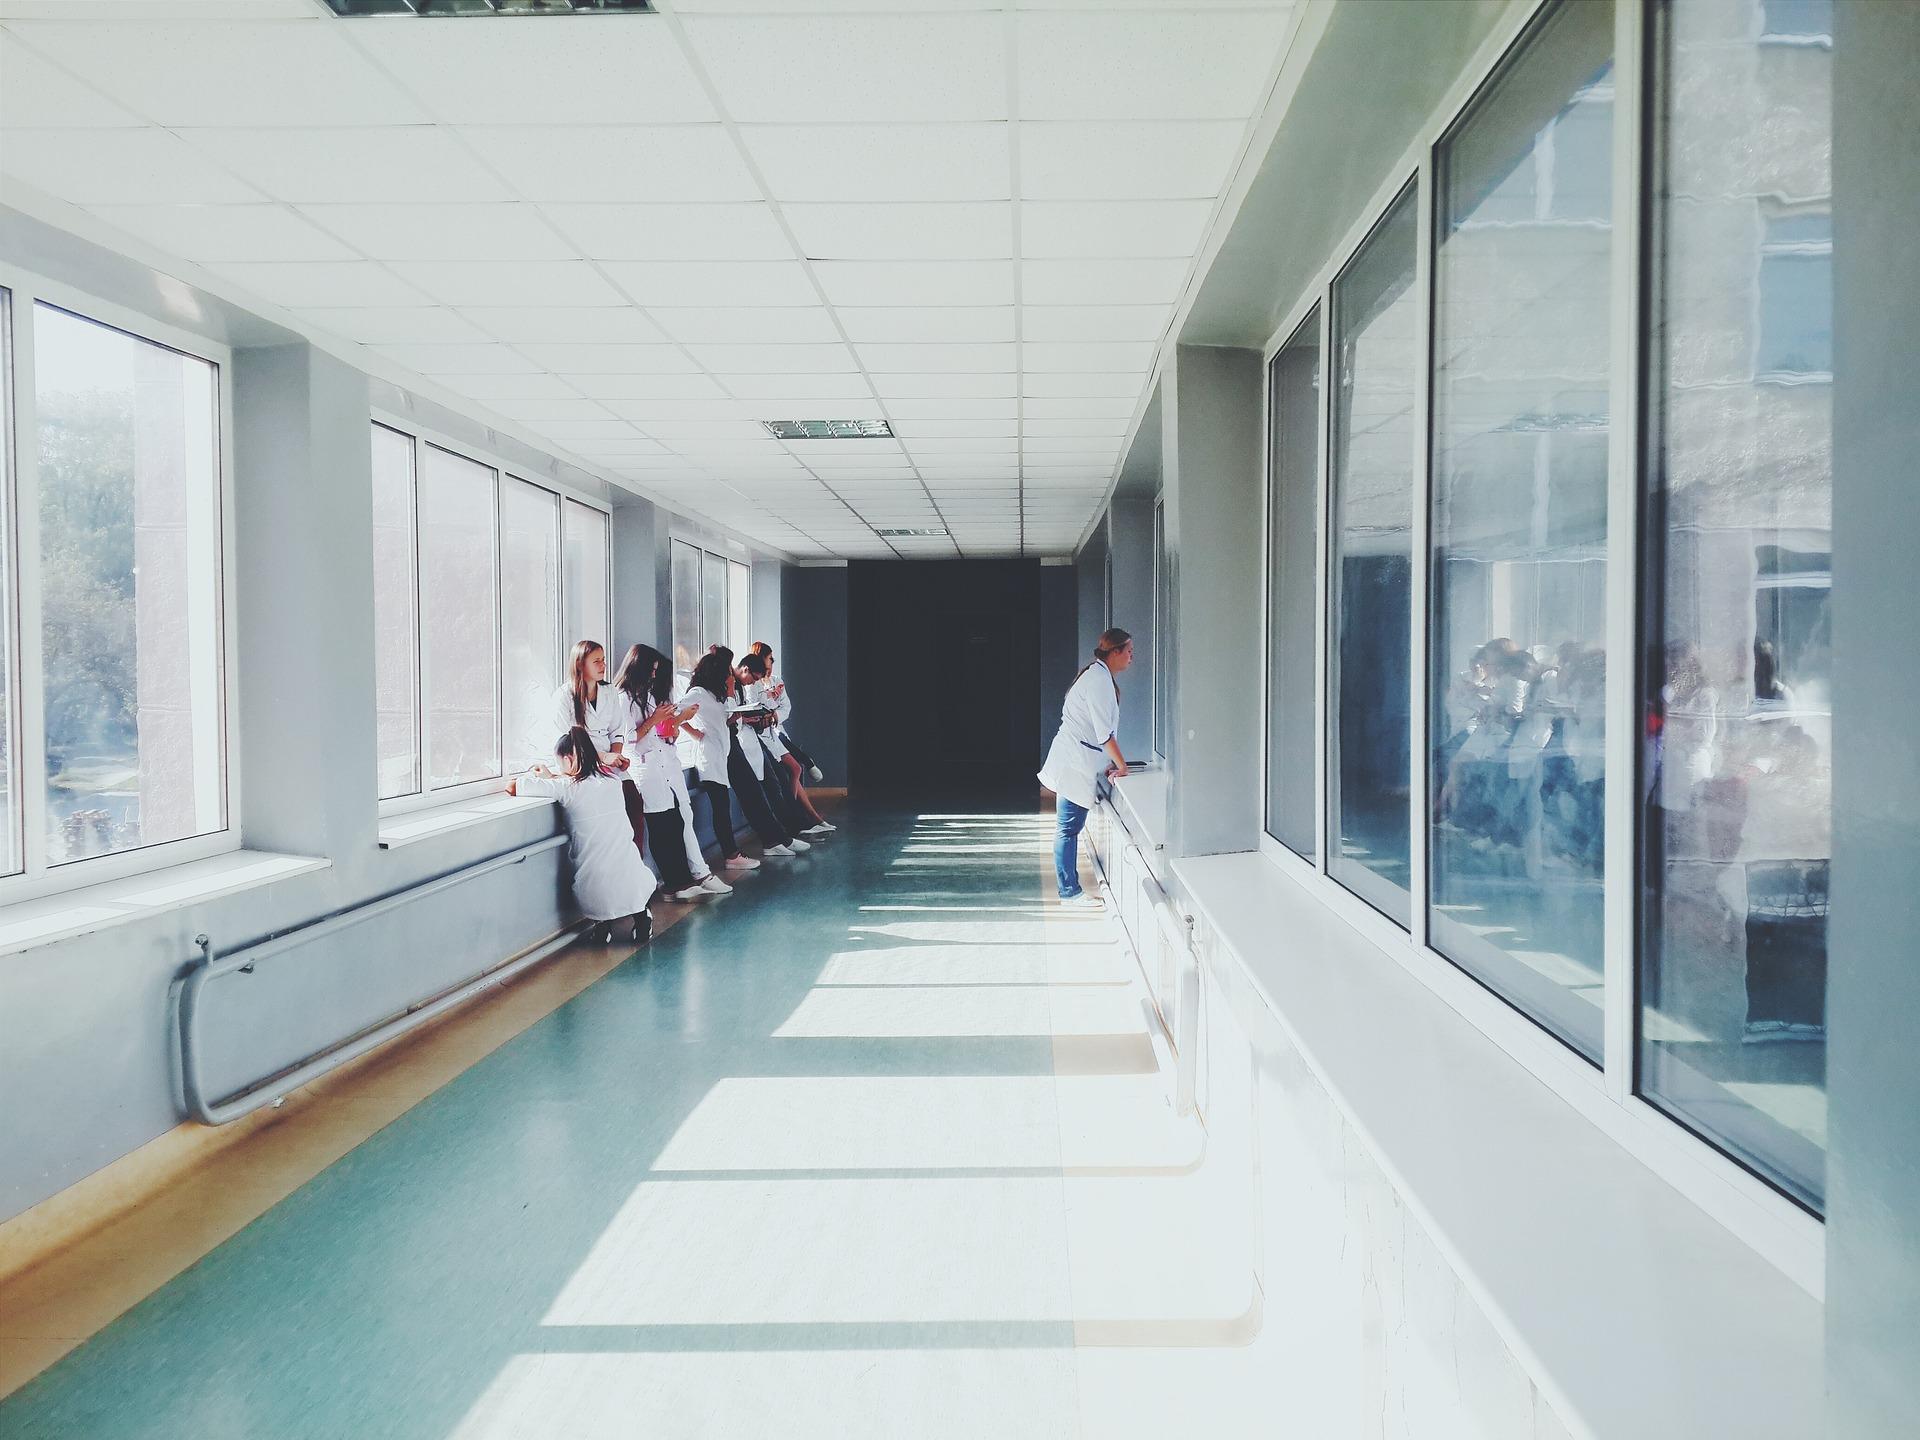 佐々木希は秋田に里帰り出産か米国出産か?病院はどこになるのか。